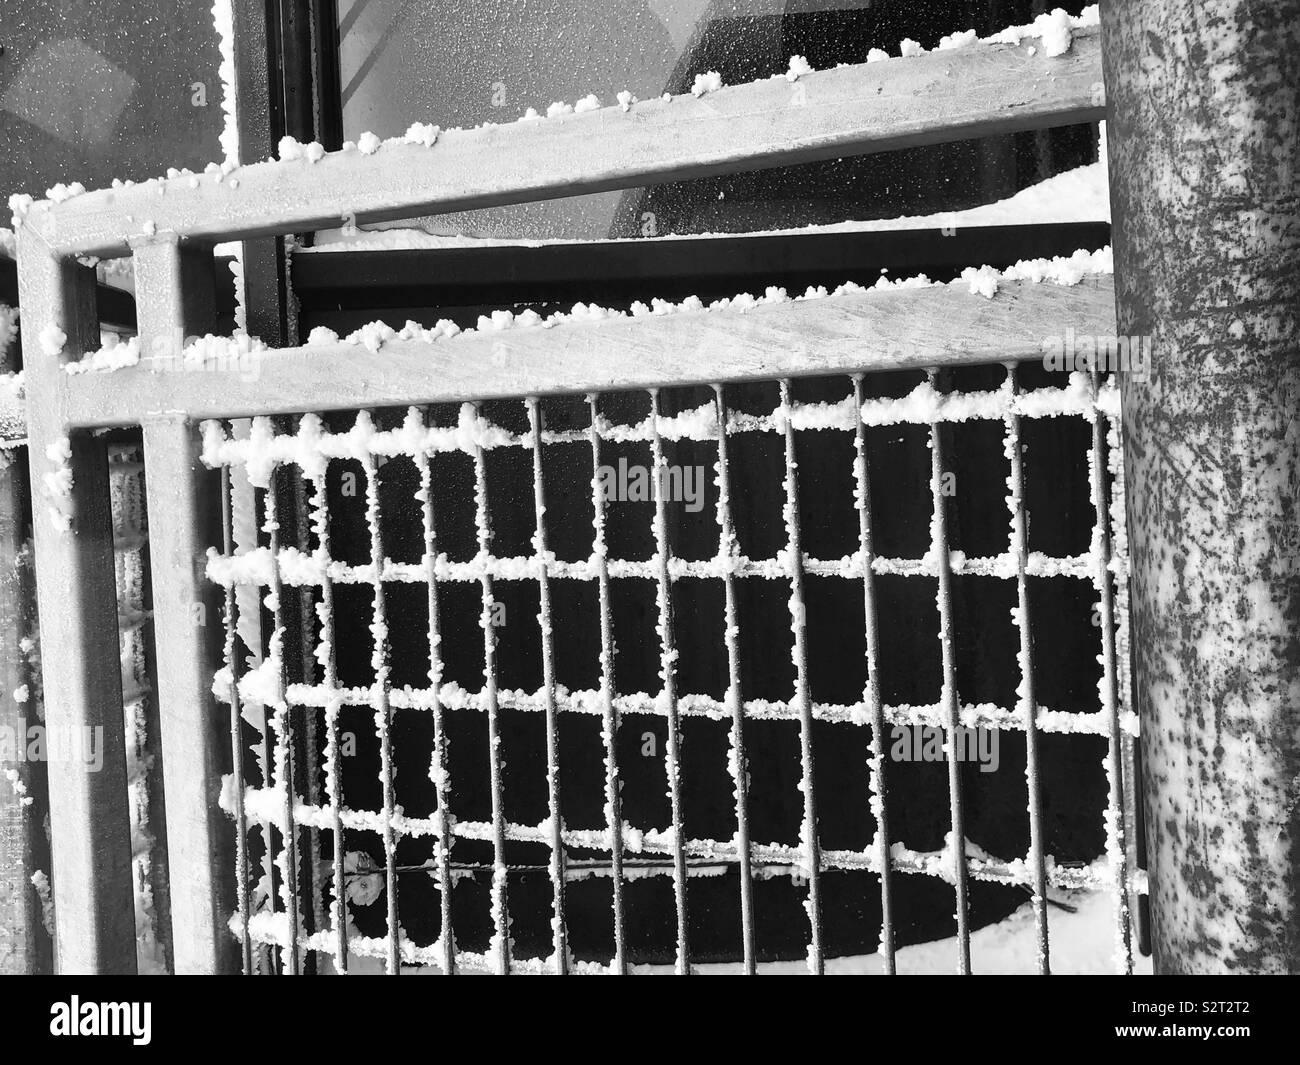 La glace et la neige sur la cage de fer - Chamonix espace station verticale Photo Stock